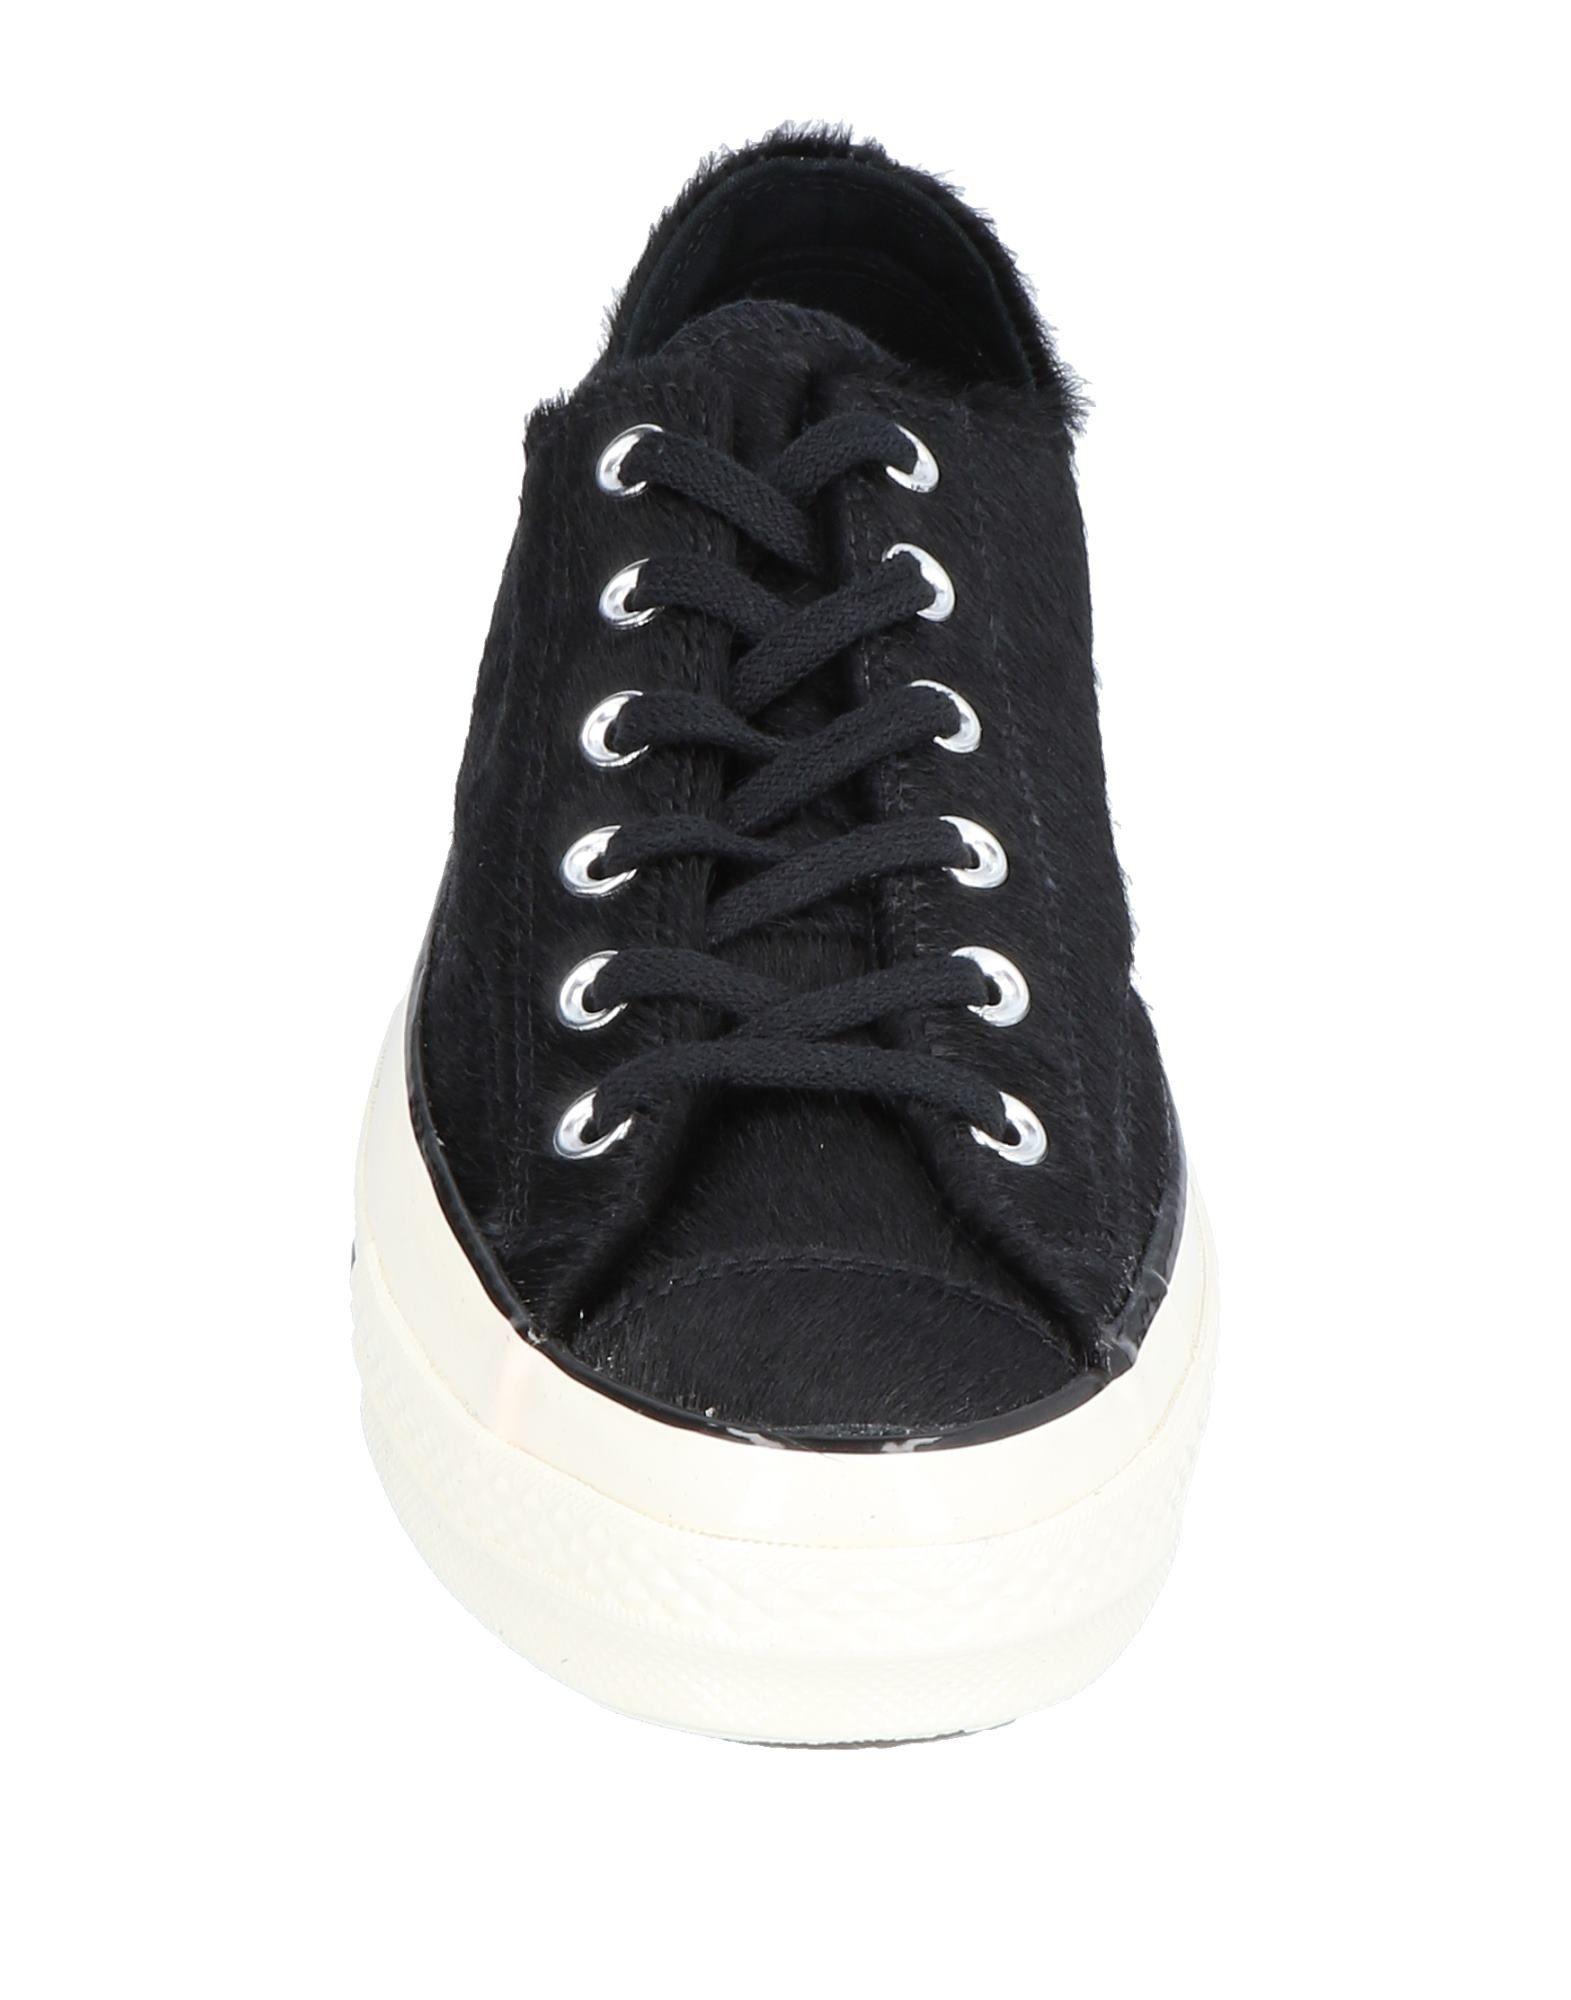 Rabatt Converse echte Schuhe Converse Rabatt Sneakers Herren  11495936EB fdf1fa